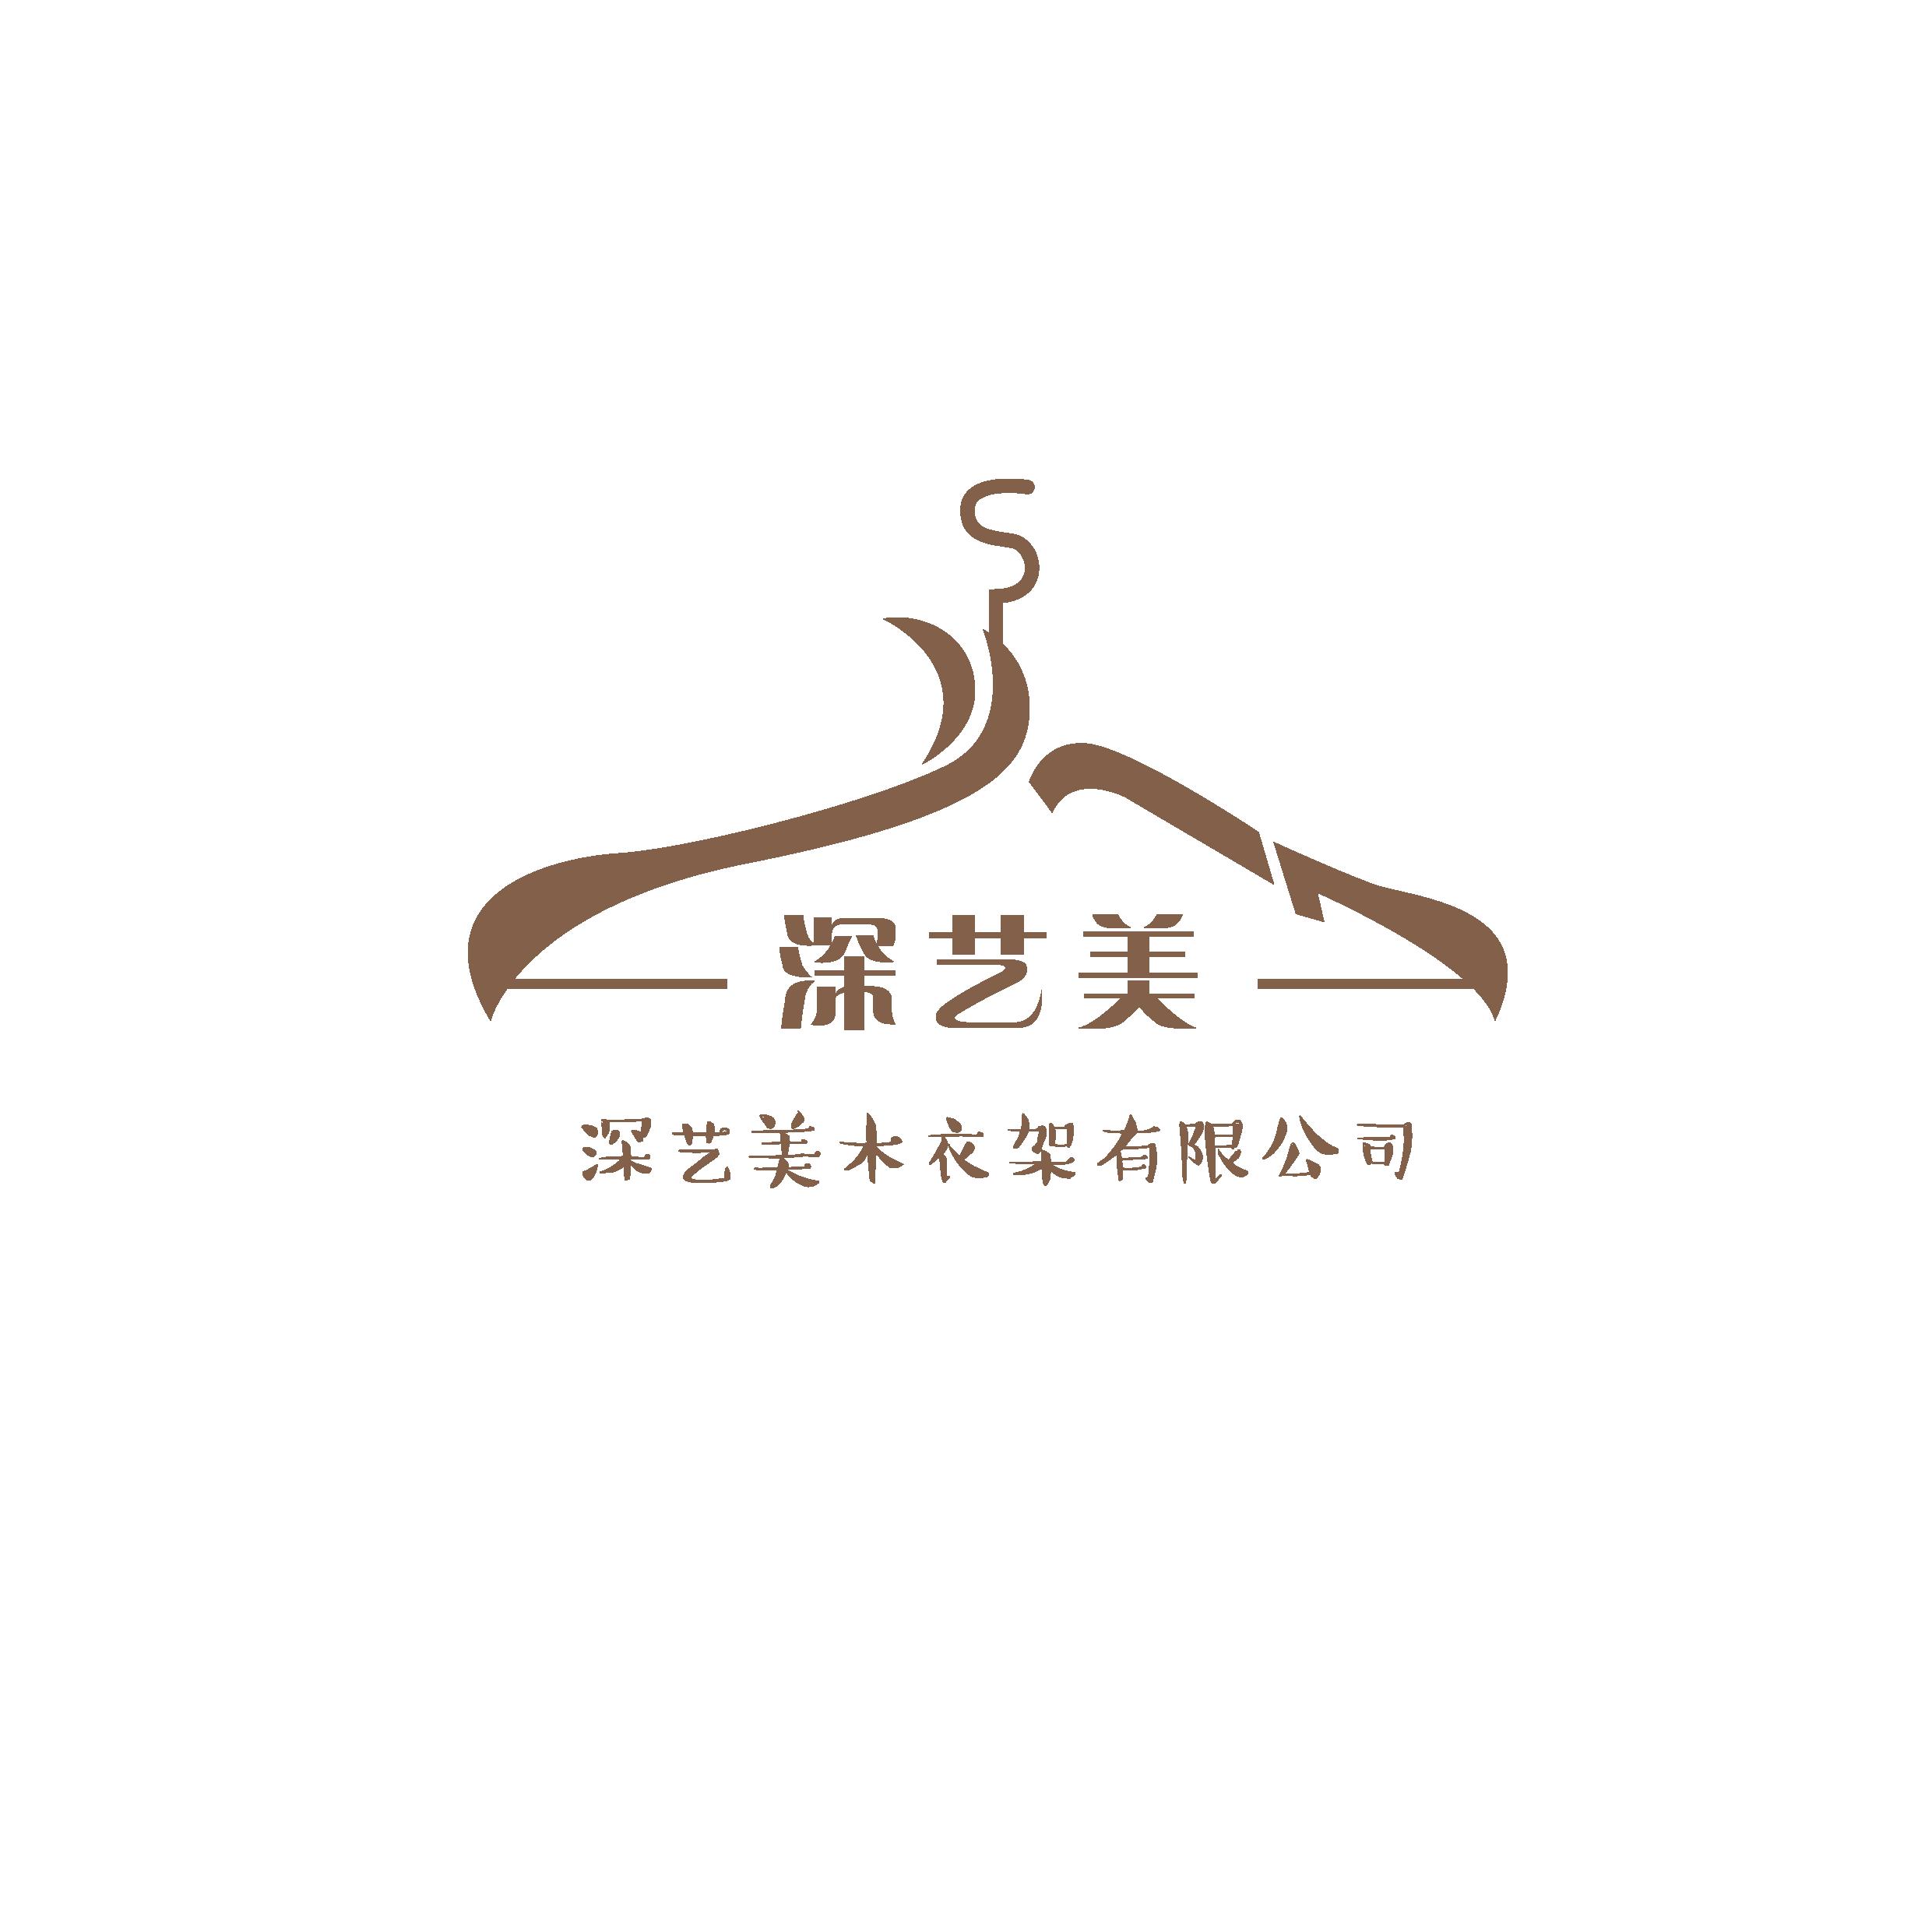 深圳市深艺美衣架有限公司